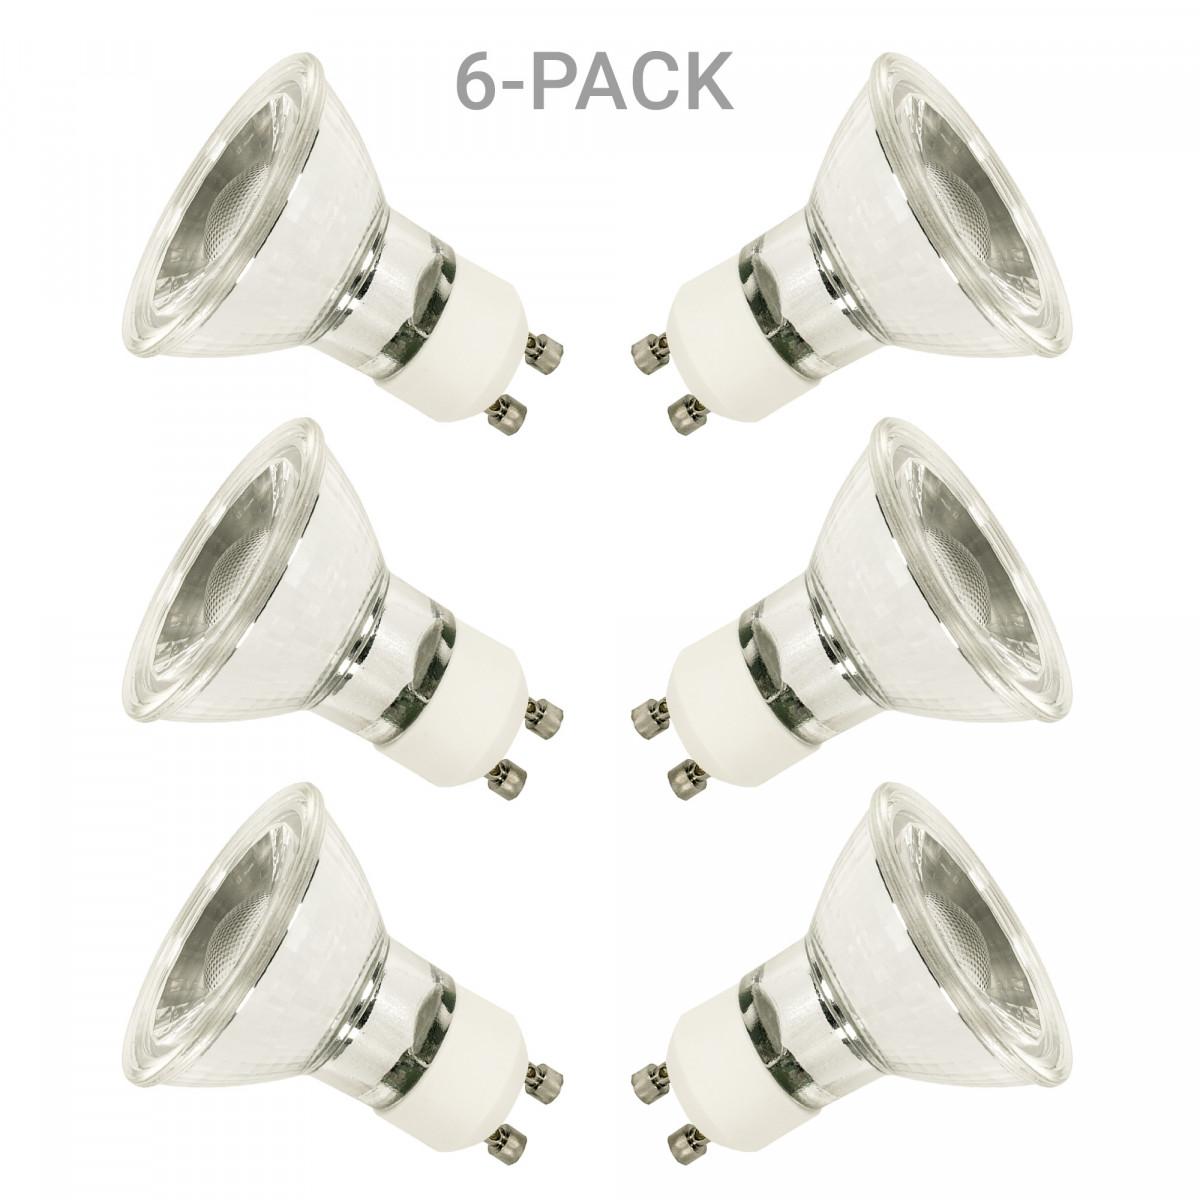 GU10 LED Leuchtmittel 3W 6er-Pack für Außen- und Gartenbeleuchtung